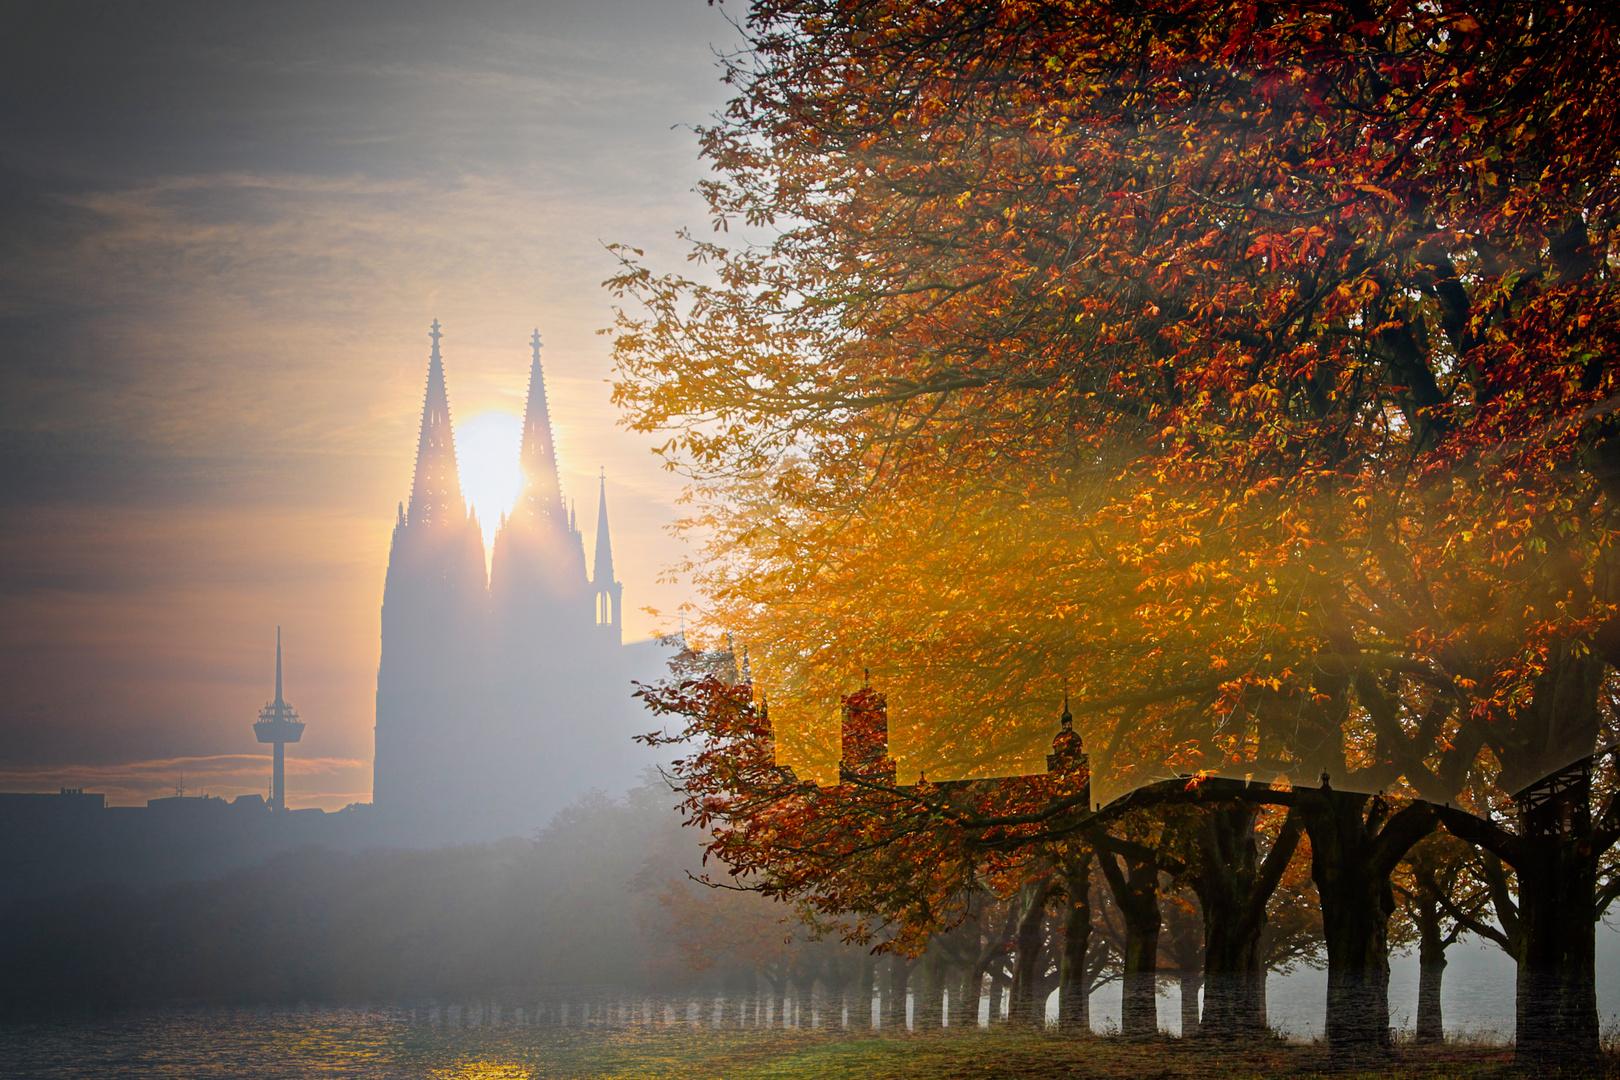 Koln Im Herbst Foto Bild Sunset Sonnenuntergang Herbst Bilder Auf Fotocommunity